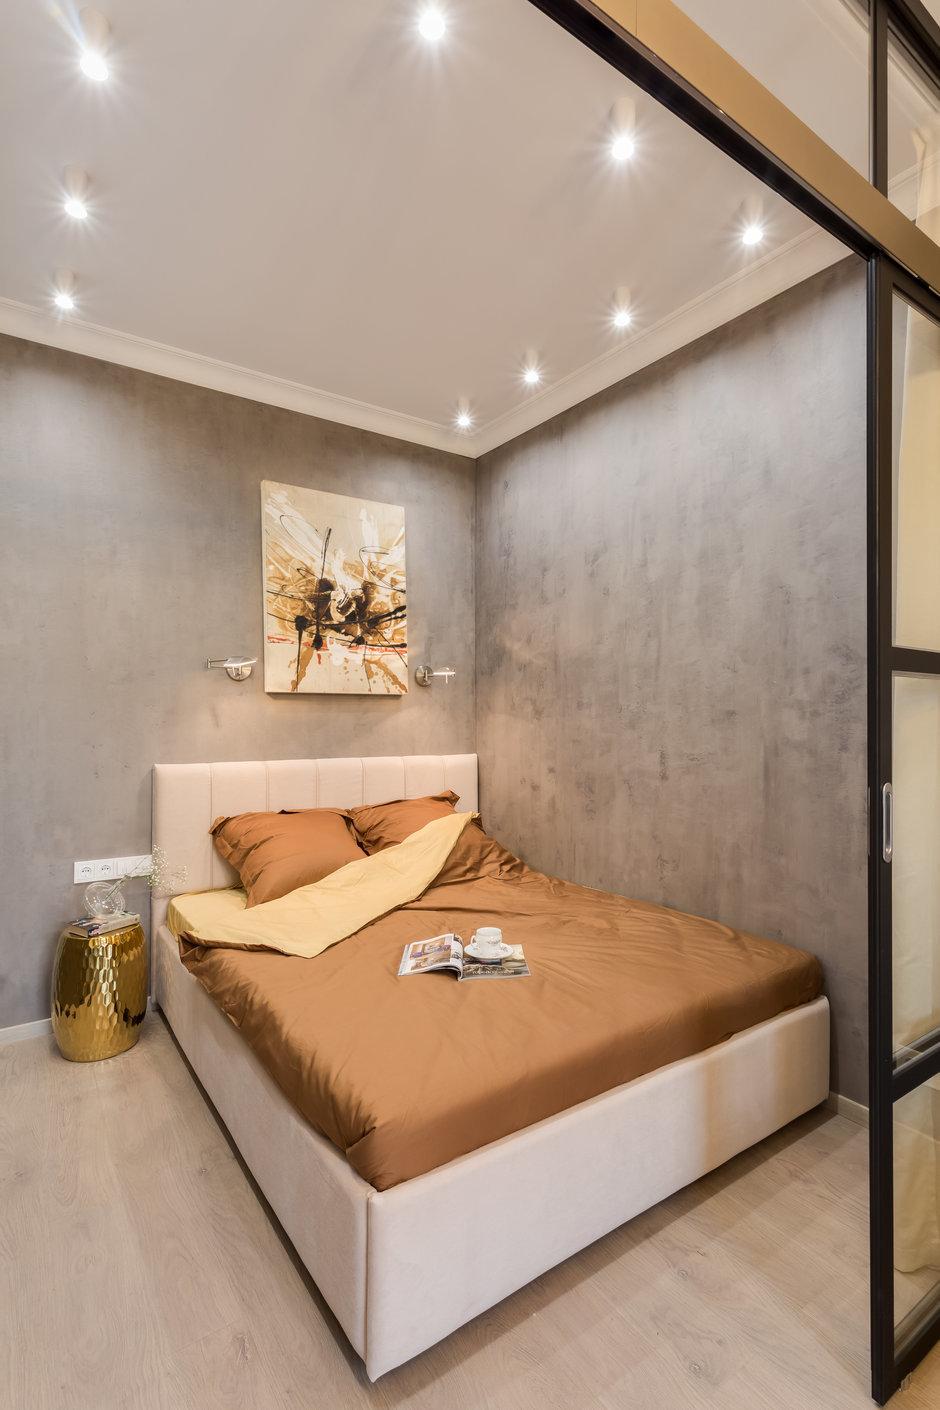 Фотография: Спальня в стиле Лофт, Квартира, Проект недели, Химки, Вера Николаенко, Монолитный дом, 1 комната, 40-60 метров, ЖК «Мишино» – фото на InMyRoom.ru